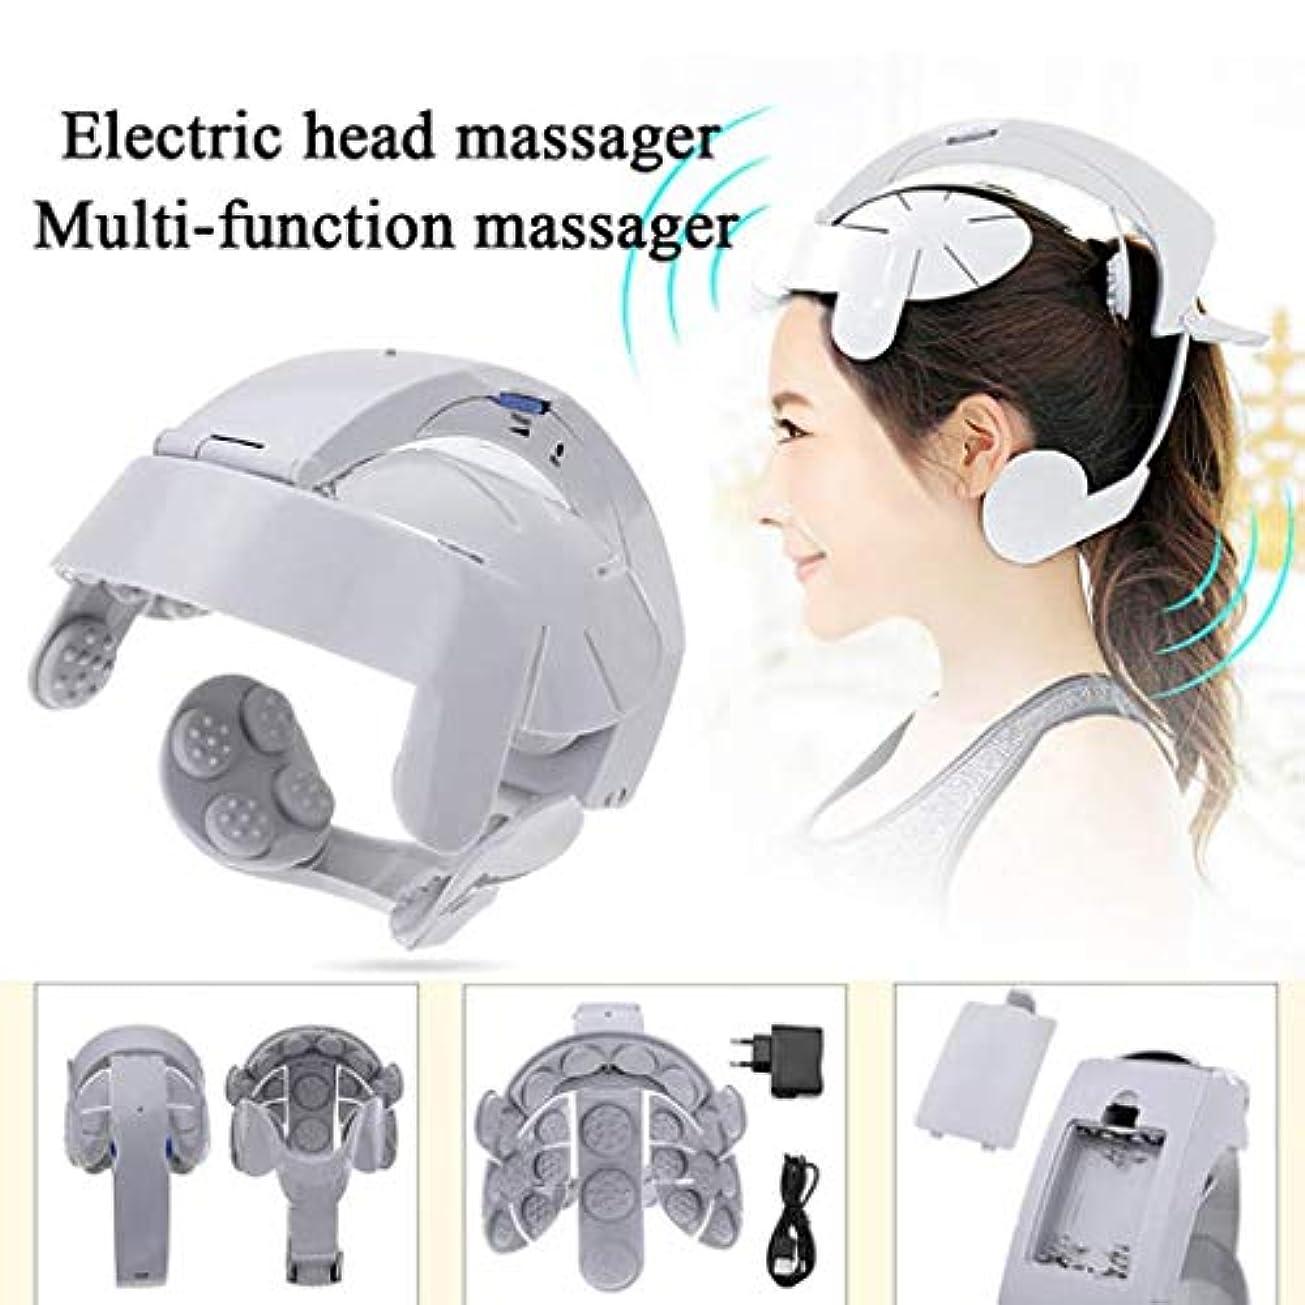 付与初期のヘッドマッサージャー、電動マッサージャー、振動ヘッドマッサージャー、ストレス/痛みを和らげる、血液循環/睡眠を促進する